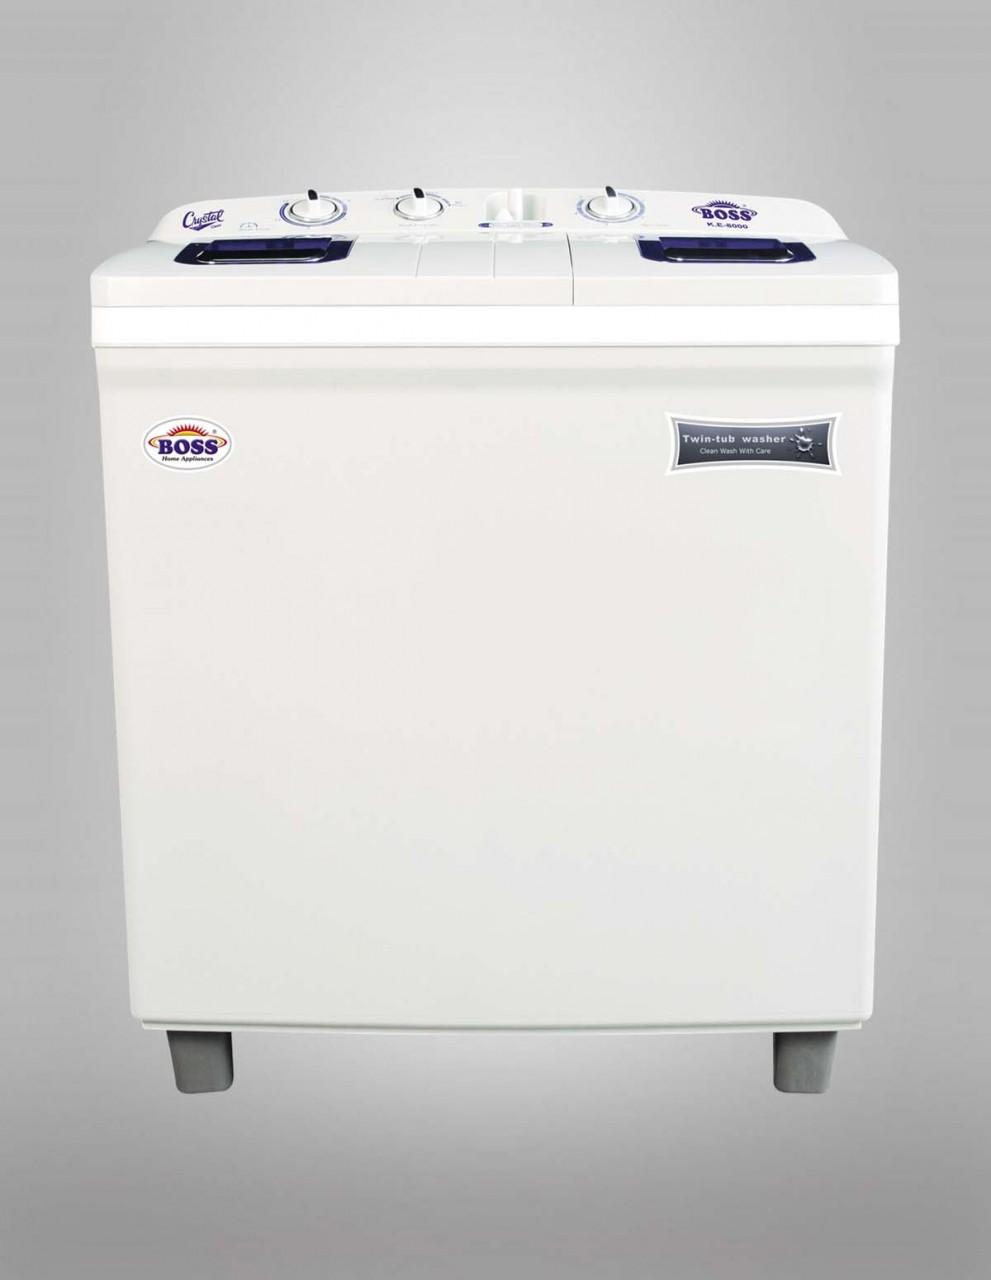 Boss Twin Tub Washing Machine KE-8000-CSL